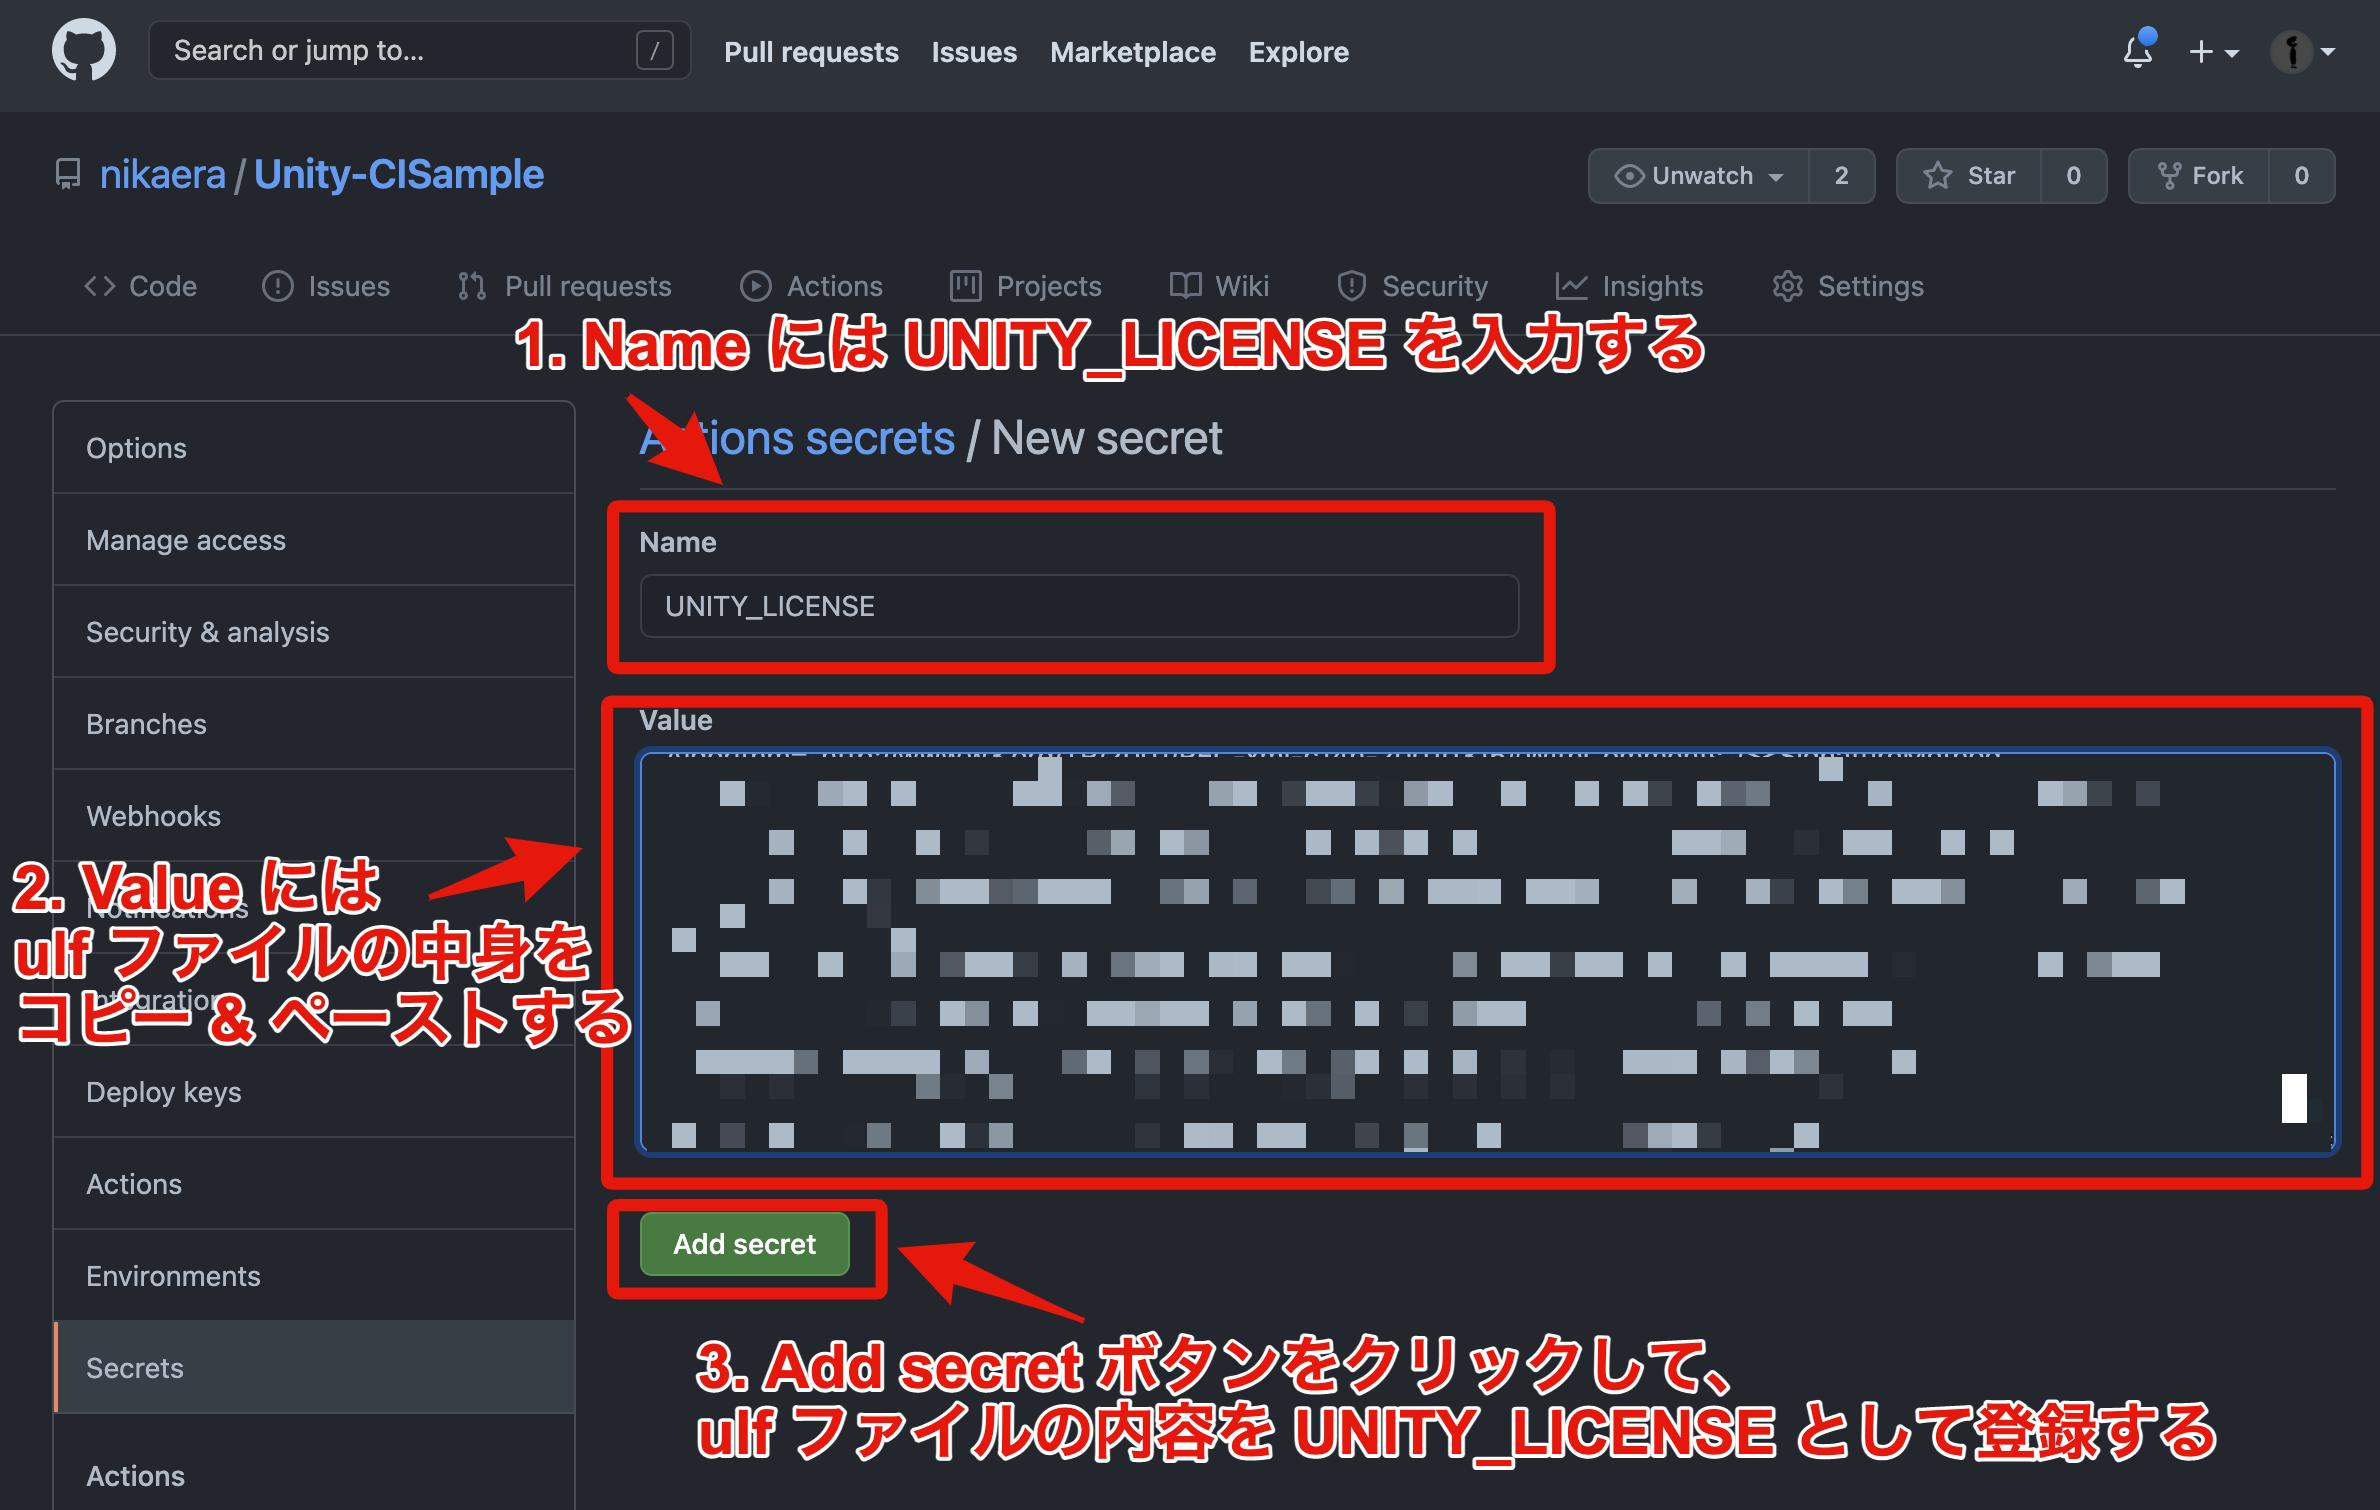 2. GameCI はライセンス情報参照のため <code>Secrets</code> の <code>UNITY_LICENSE</code> を参照する。そのため、<code>Name</code> を <code>UNITY_LICENSE</code> で <code>Value</code> に <code>ulf</code> ファイルの中身をコピー &amp; ペーストしておく